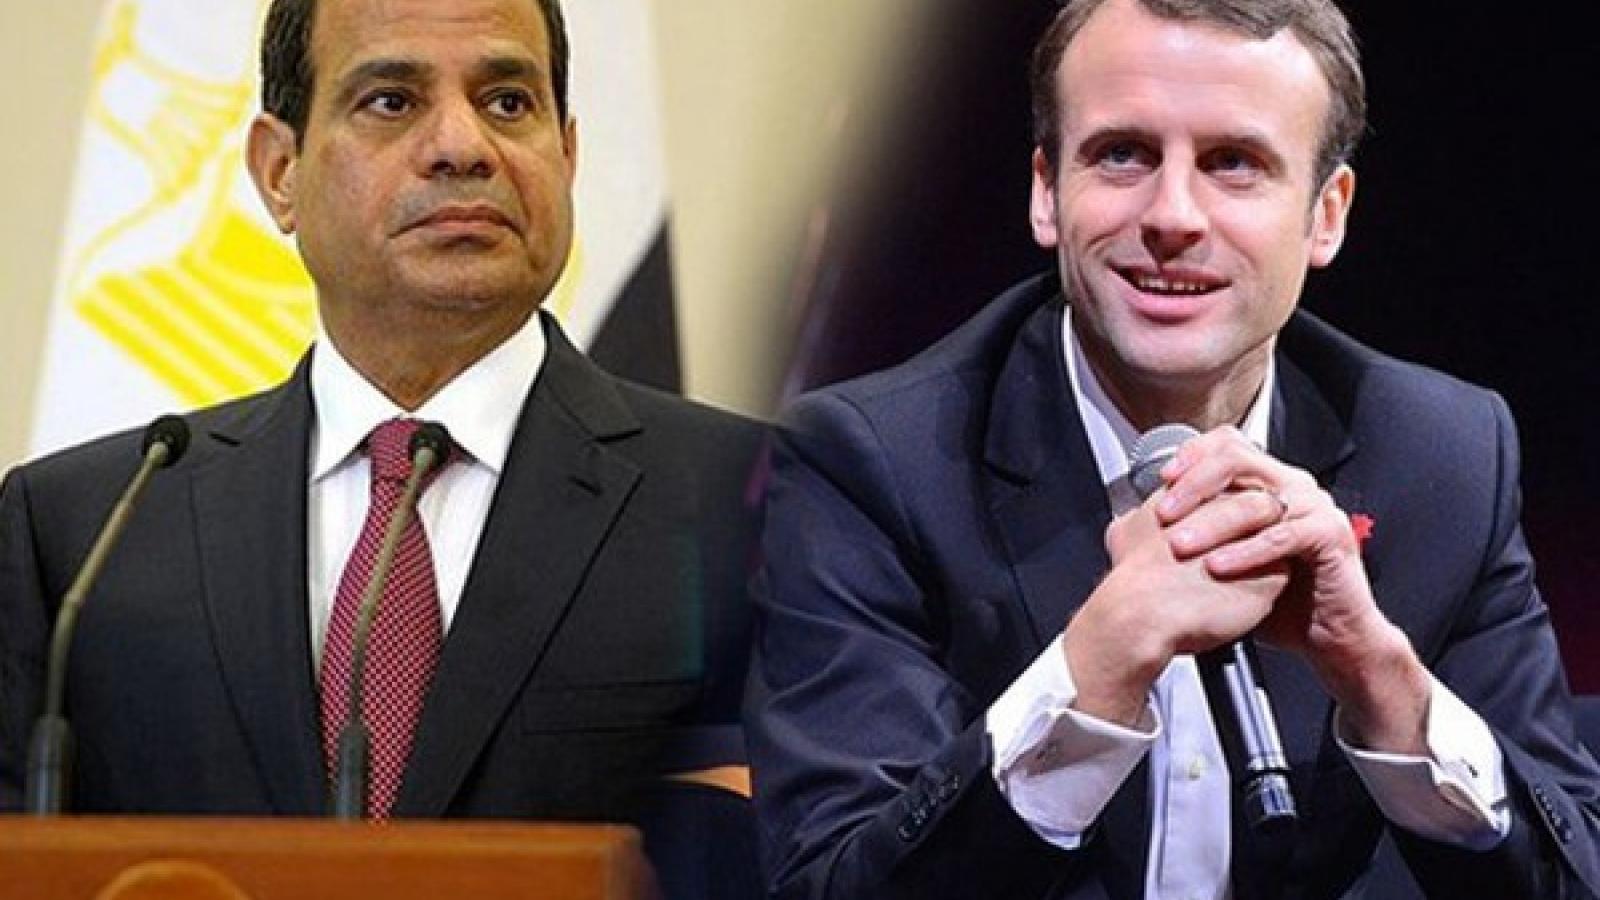 Tổng thống Pháp và Tổng thống Ai Cập tranh cãi công khai về tranh biếm họa